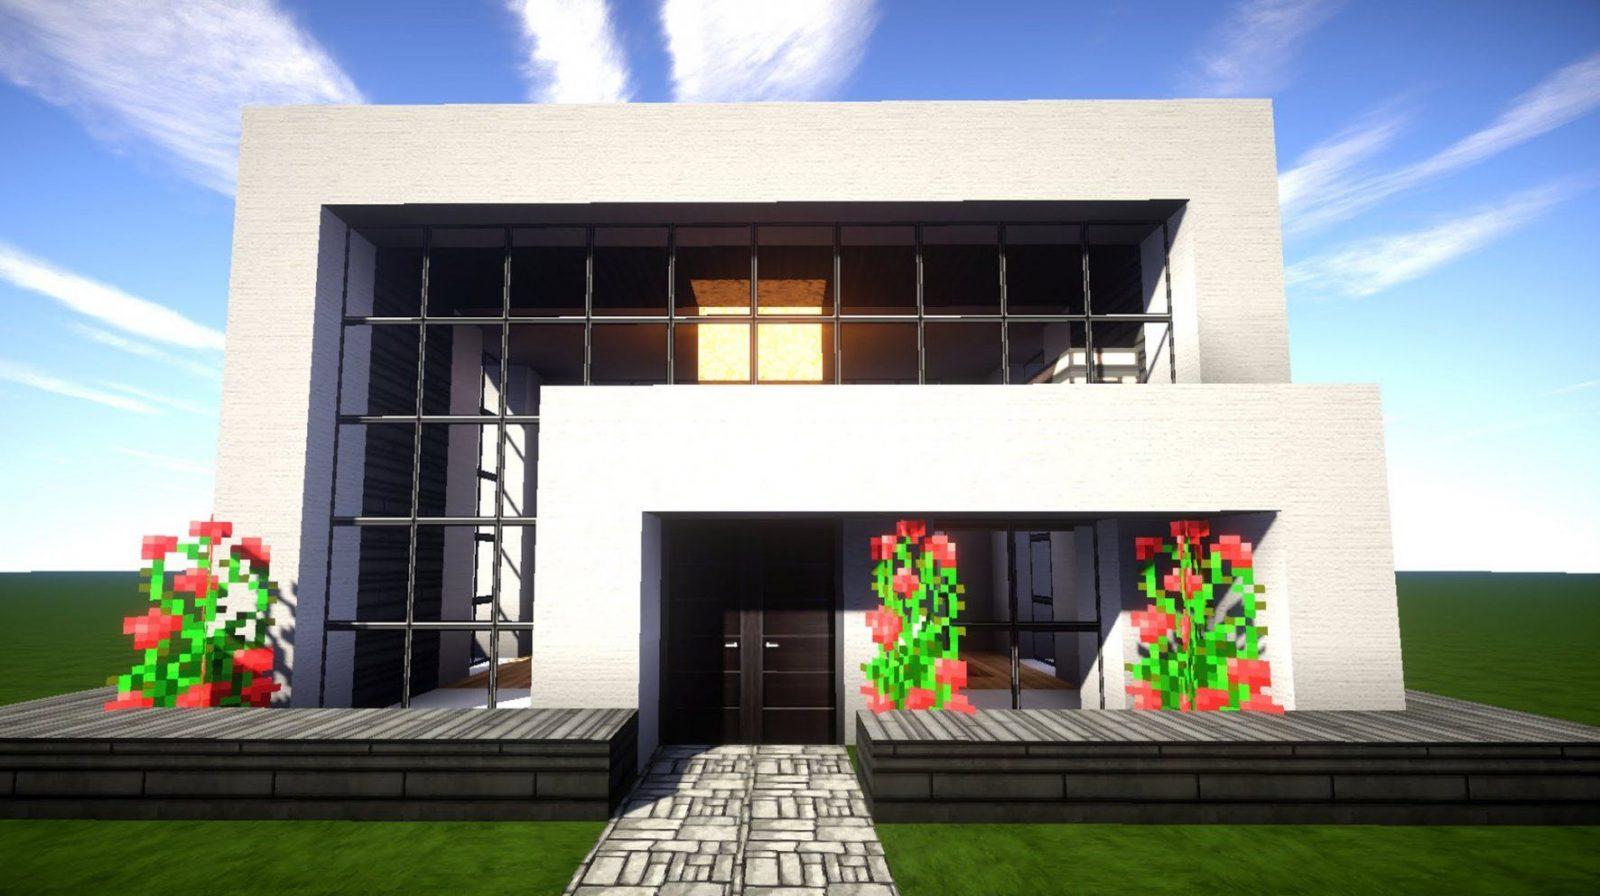 Minecraft Modernes Haus Mit Wasserfall Bauen 14X12 Tutorial Avec von Minecraft Villa Bauen Anleitung Photo